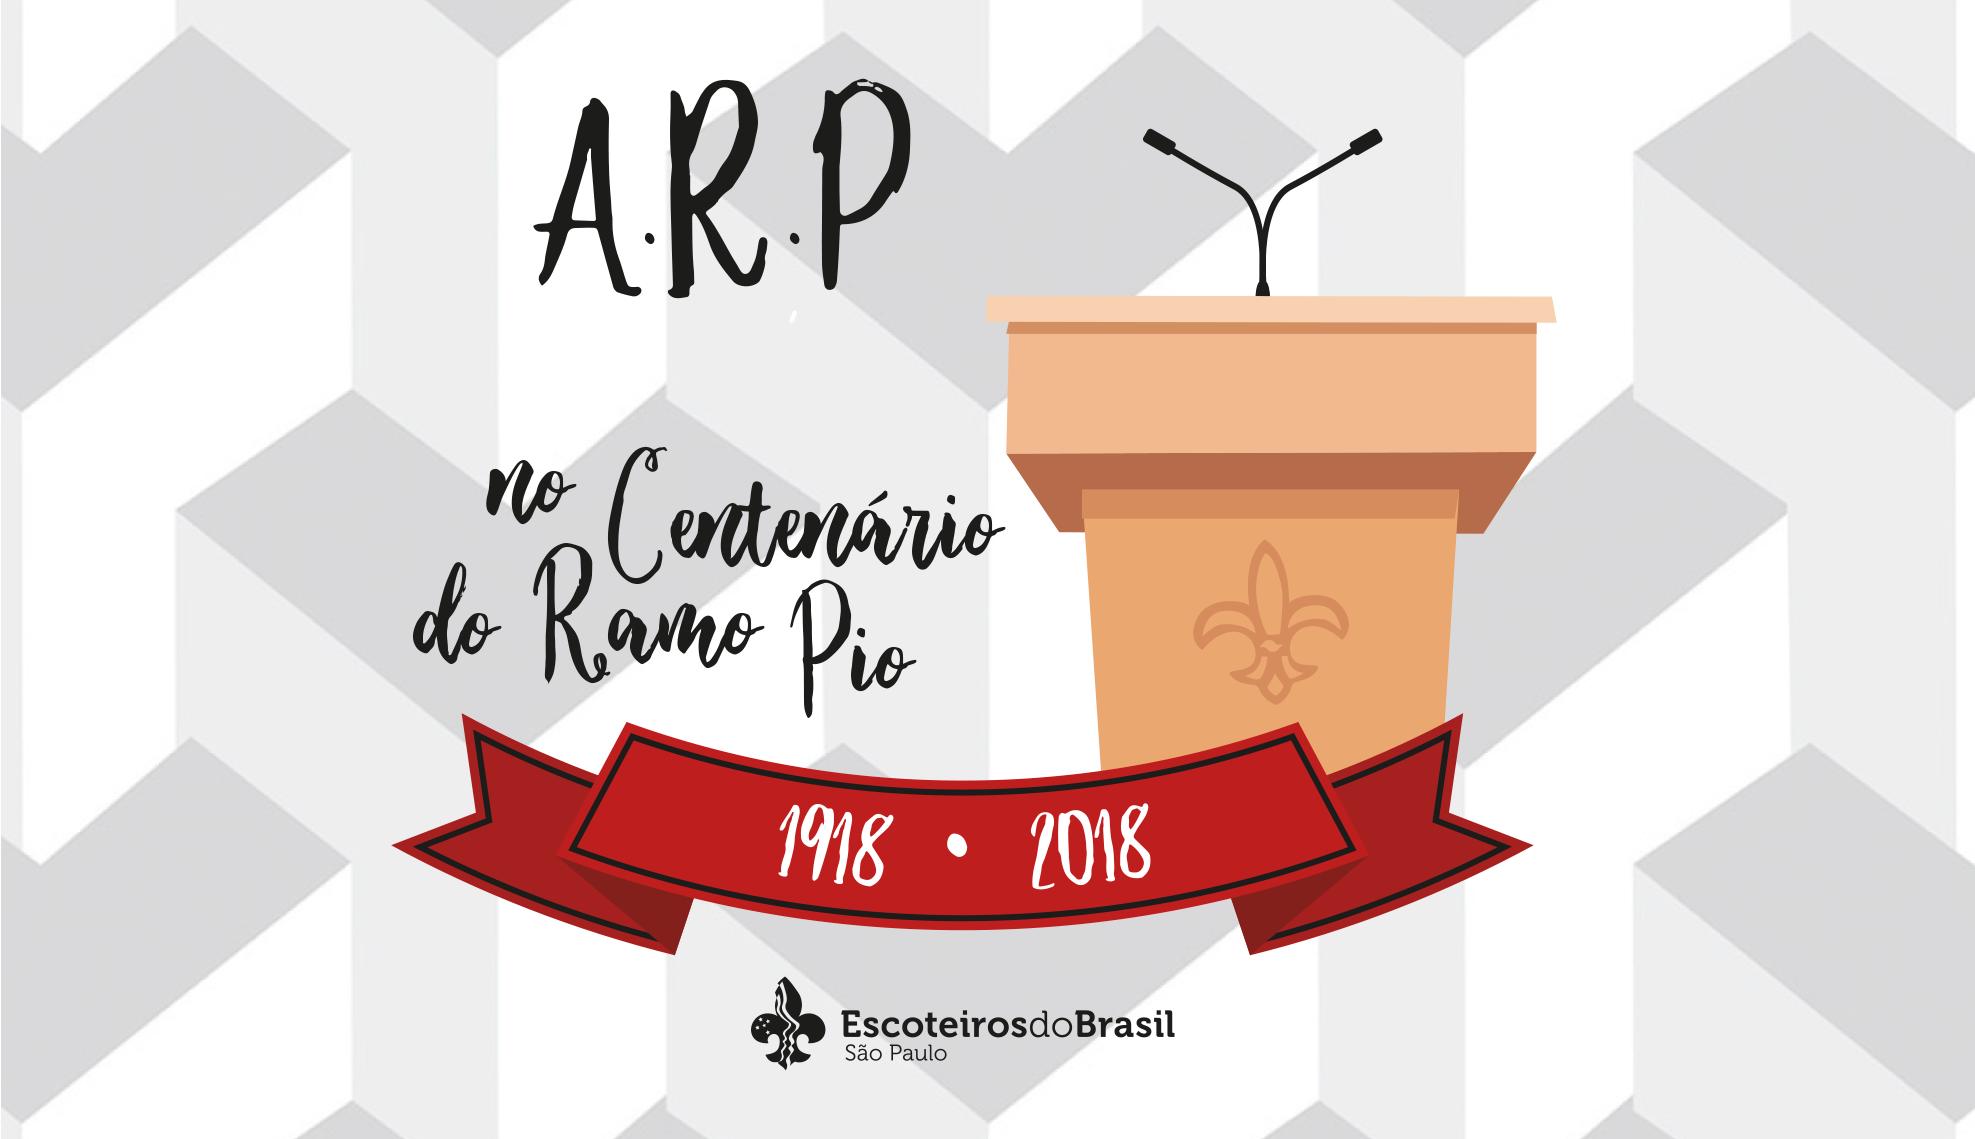 Comercialização de produtos e serviços – ARP 2018